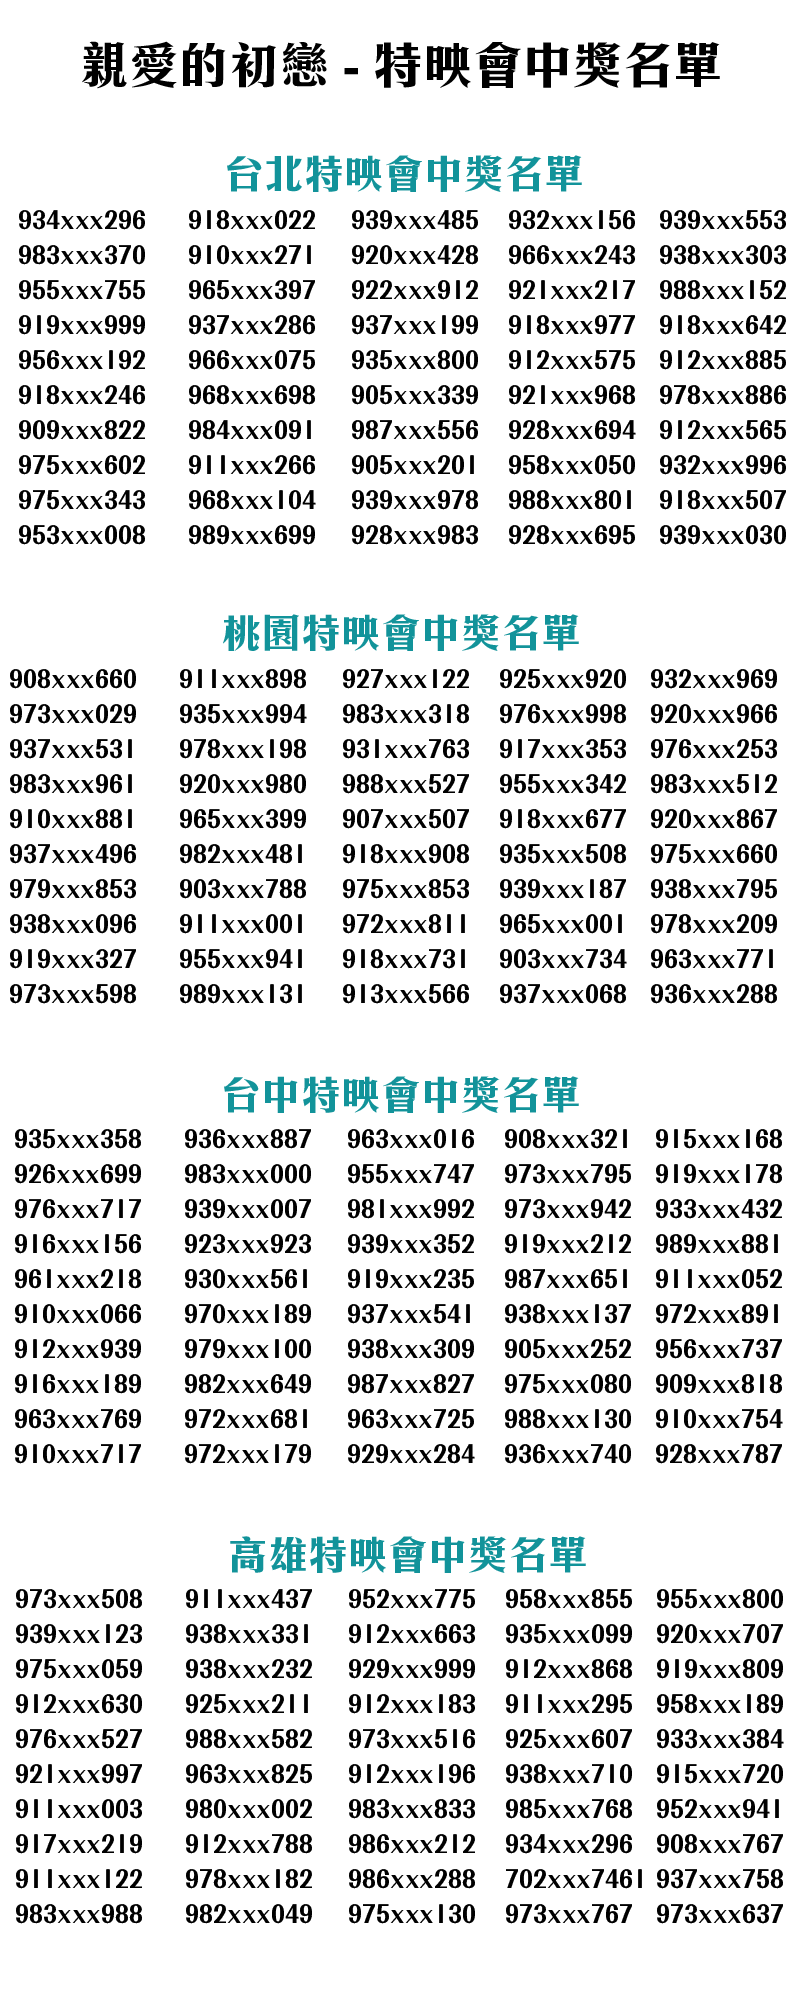 親愛的初戀中獎名單-01.png